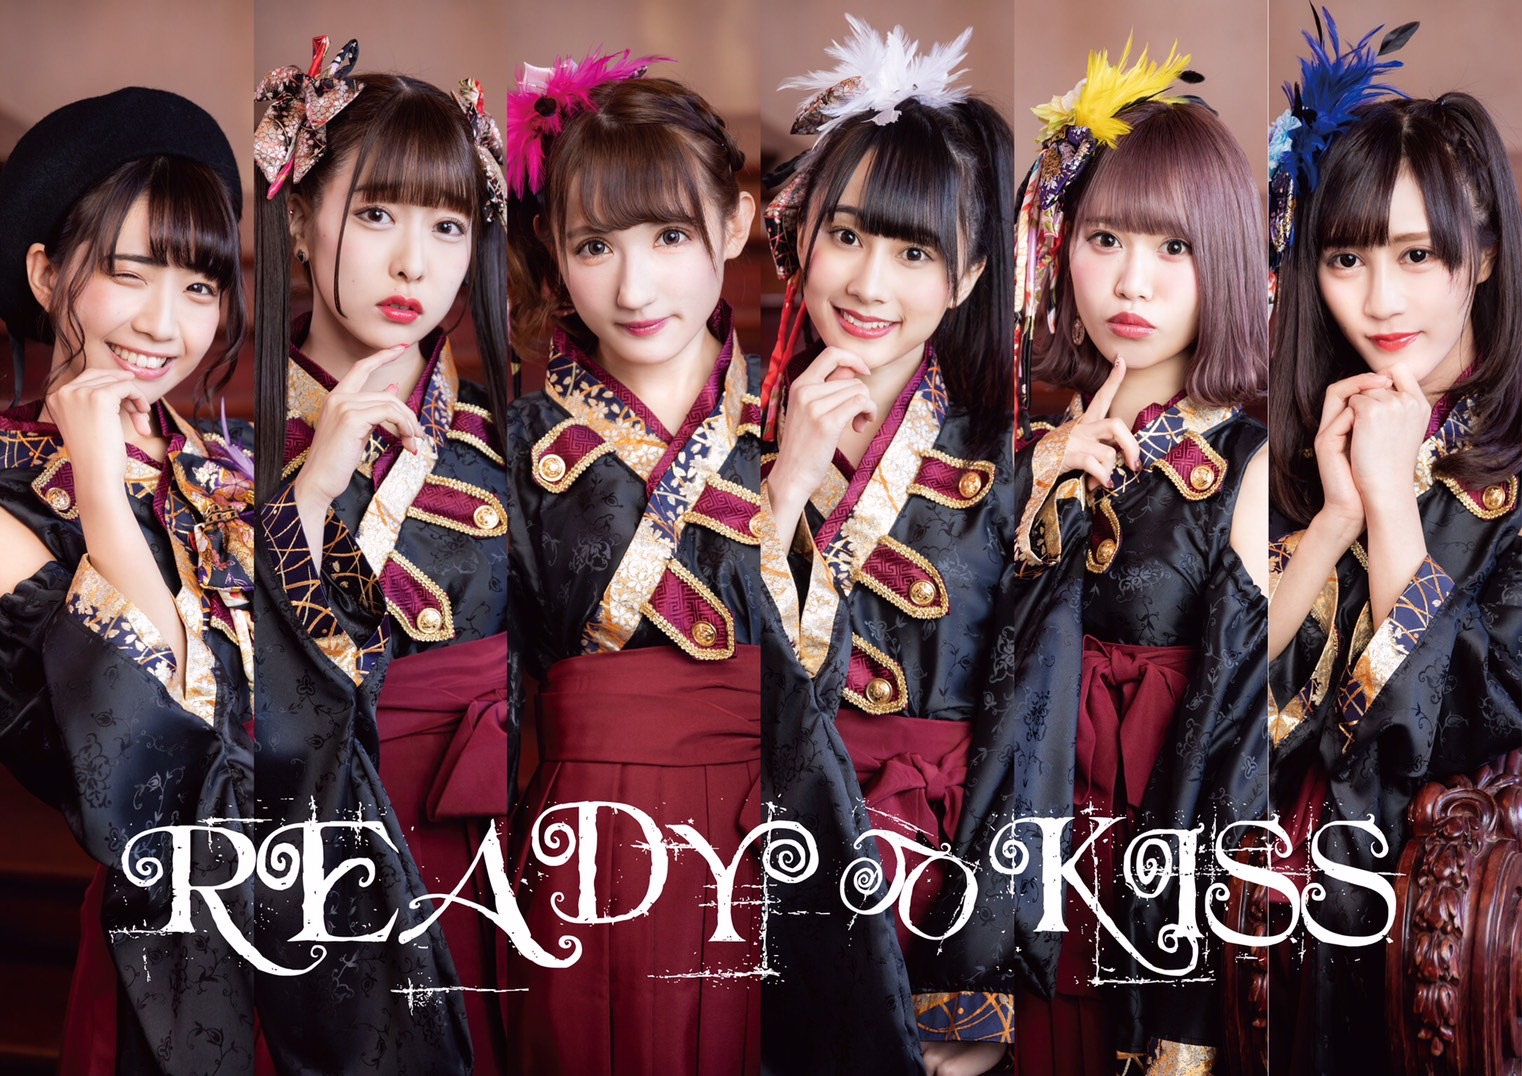 9月2日(月)渋谷RUIDO K2 READY TO KISS & BABY TO KISS 重大発表のある2マン